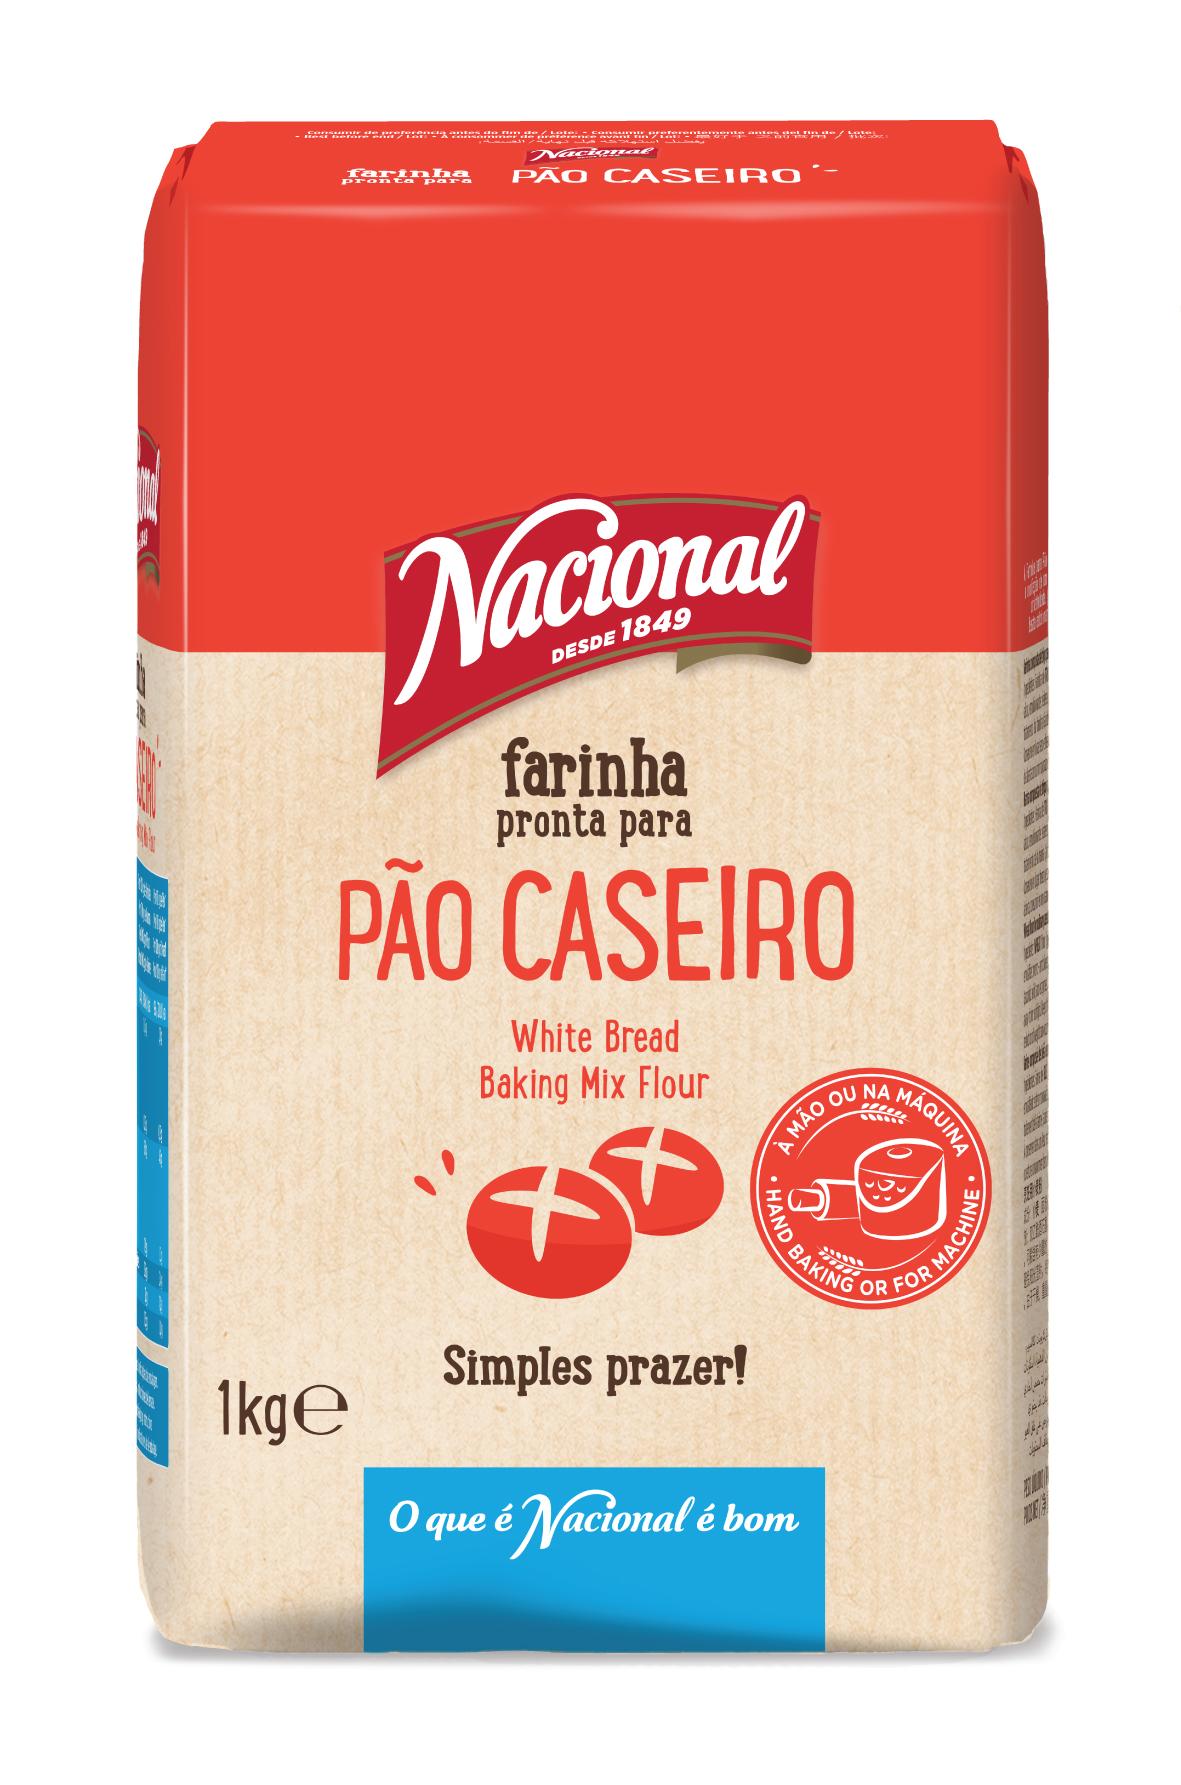 ImageFarinhaPãoCaseiro_1kg_NA